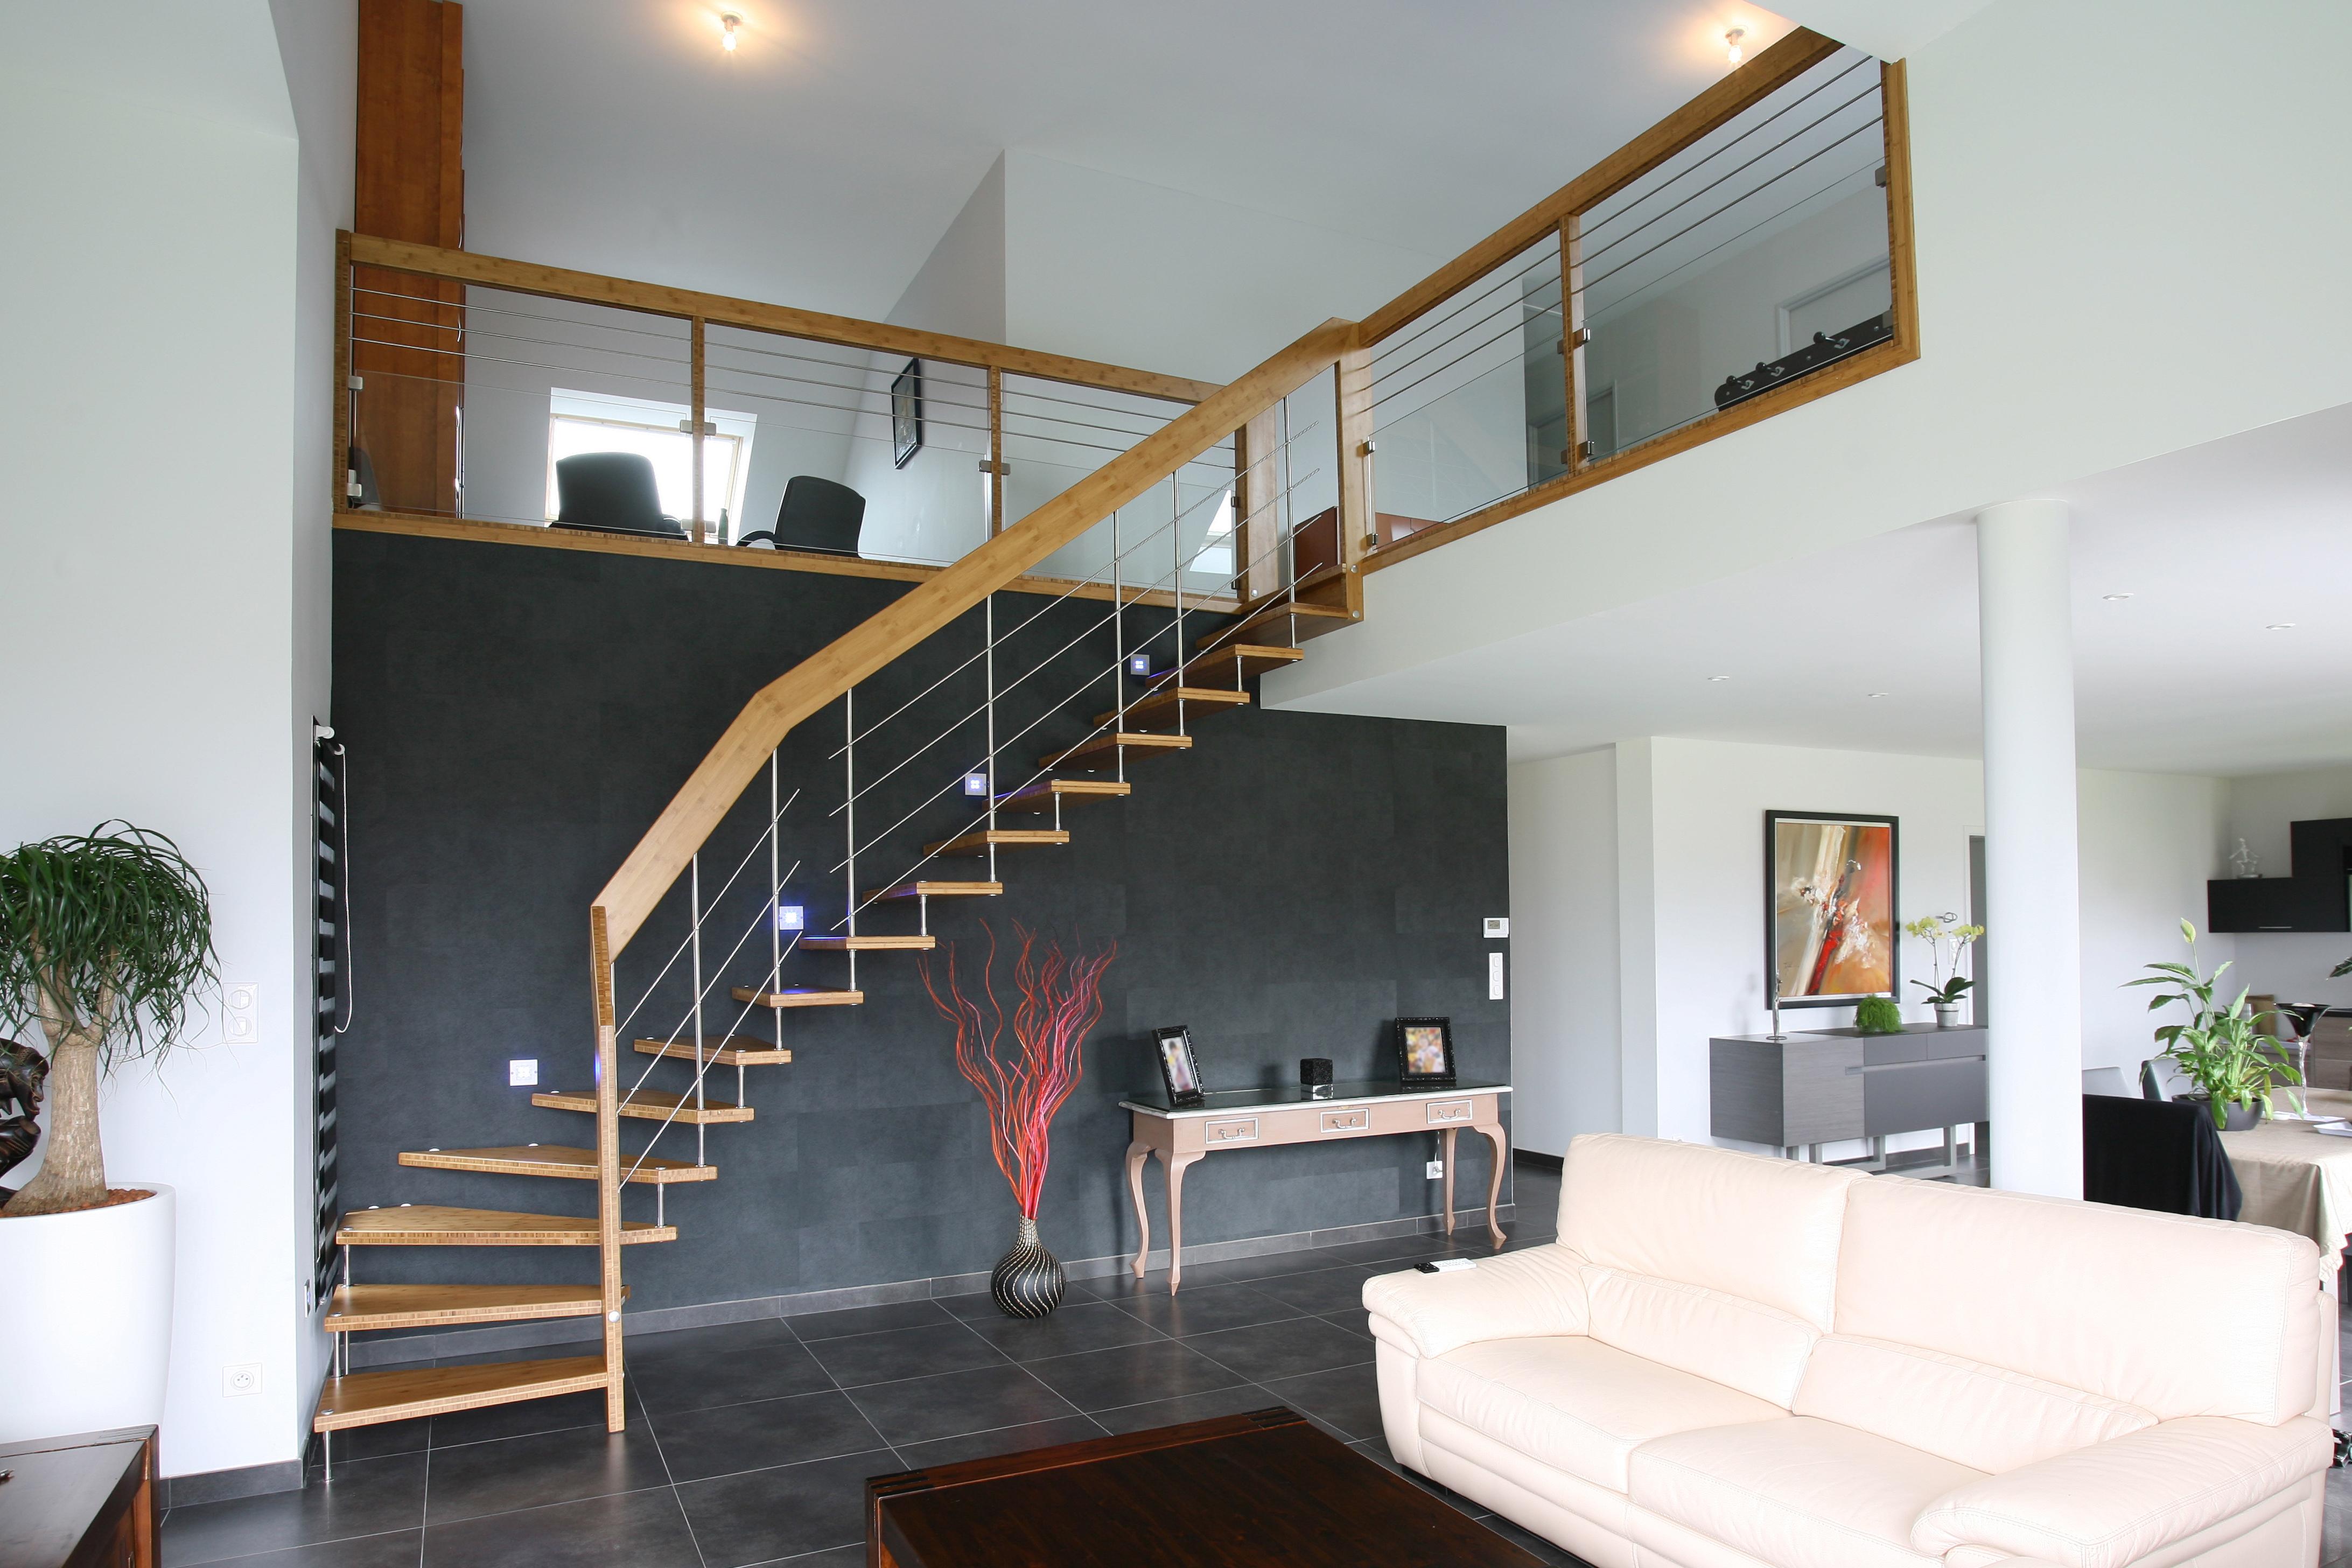 Décoration Marche Escalier Intérieur l'escalier, un atout dans votre déco - de fil en déco